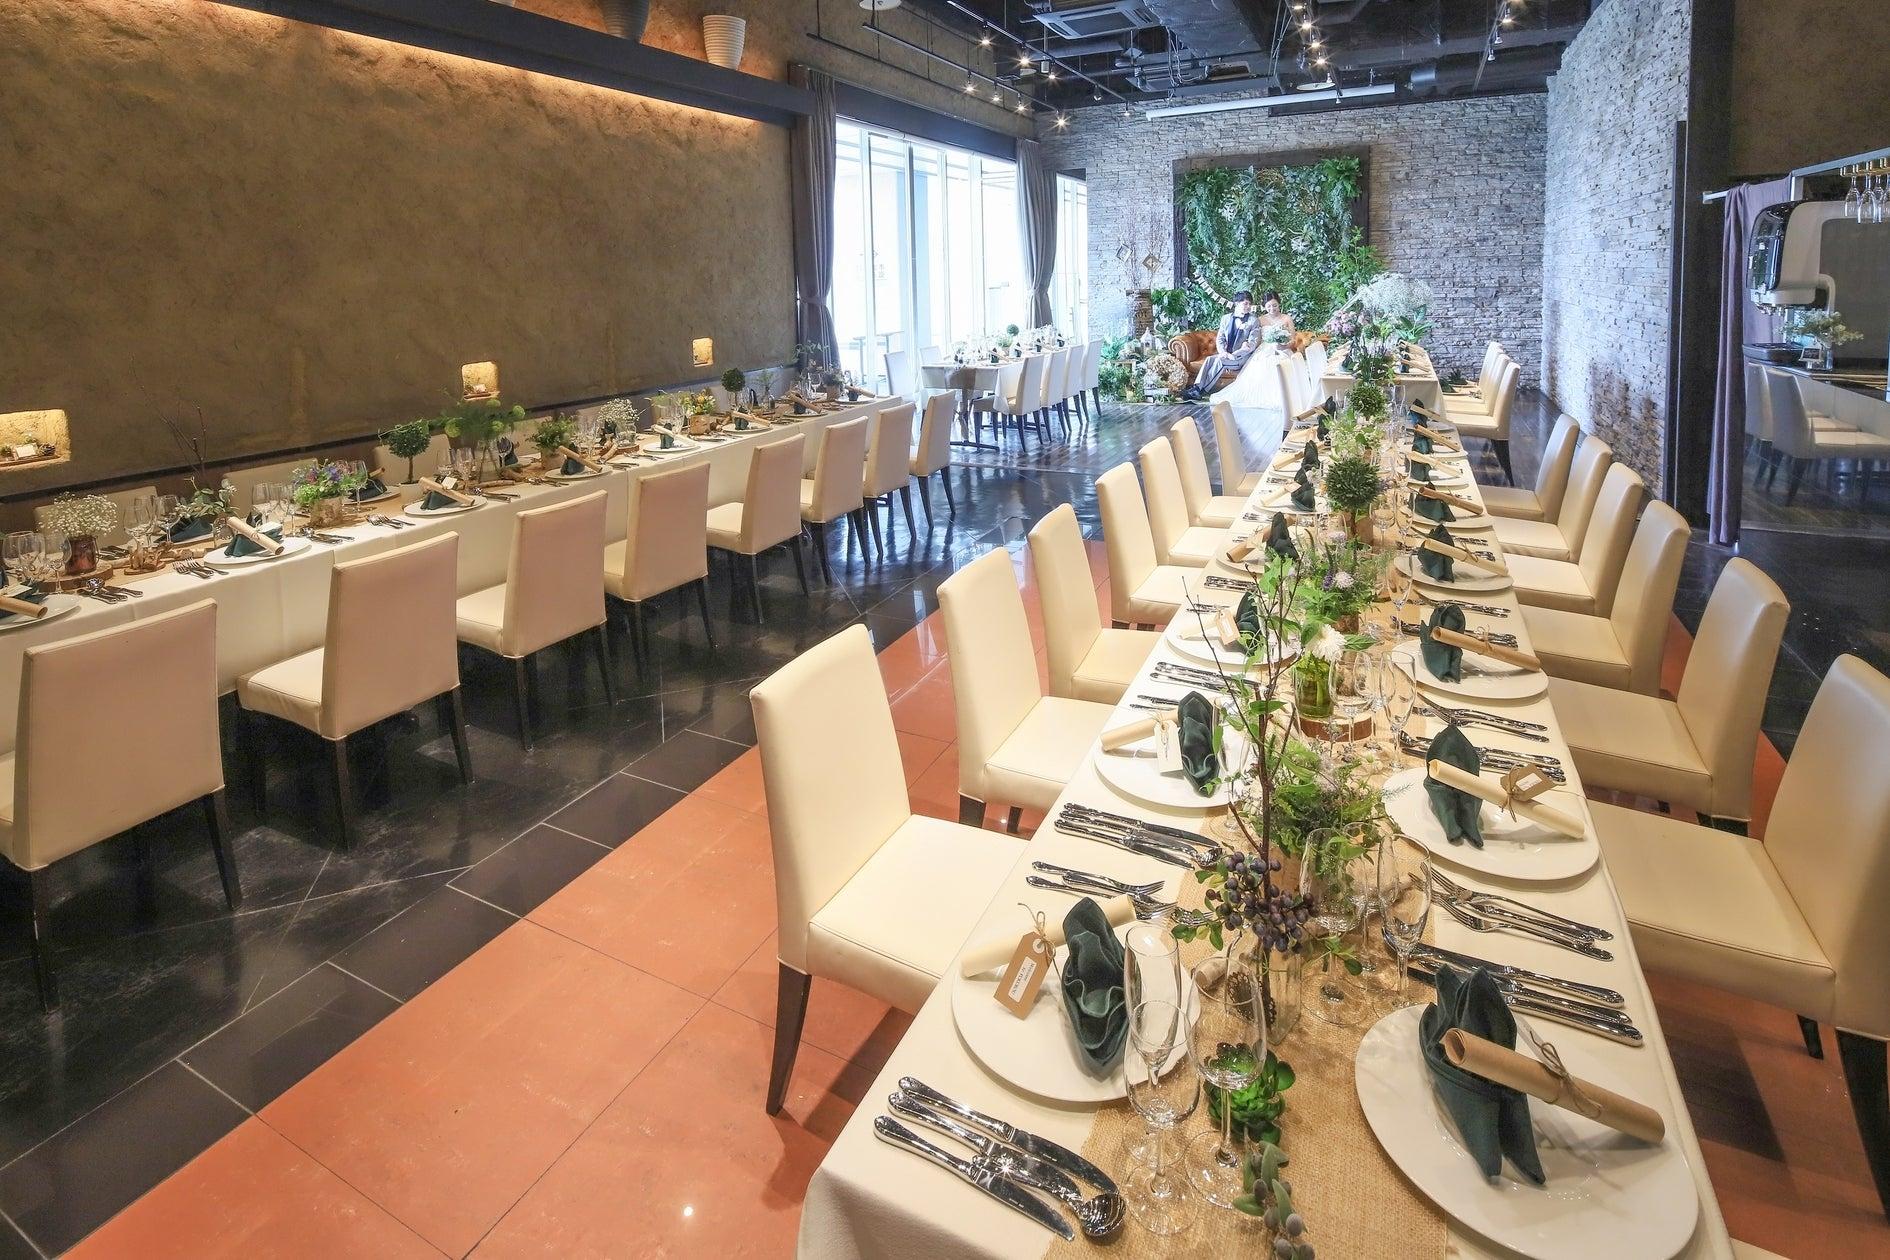 【大宮駅徒歩5分】レストラン ウェディングで人気のお店!音響・映像設備完備、パーティやイベント、撮影会にもおすすめ!(Banquet Restaurant FUKUROU) の写真0